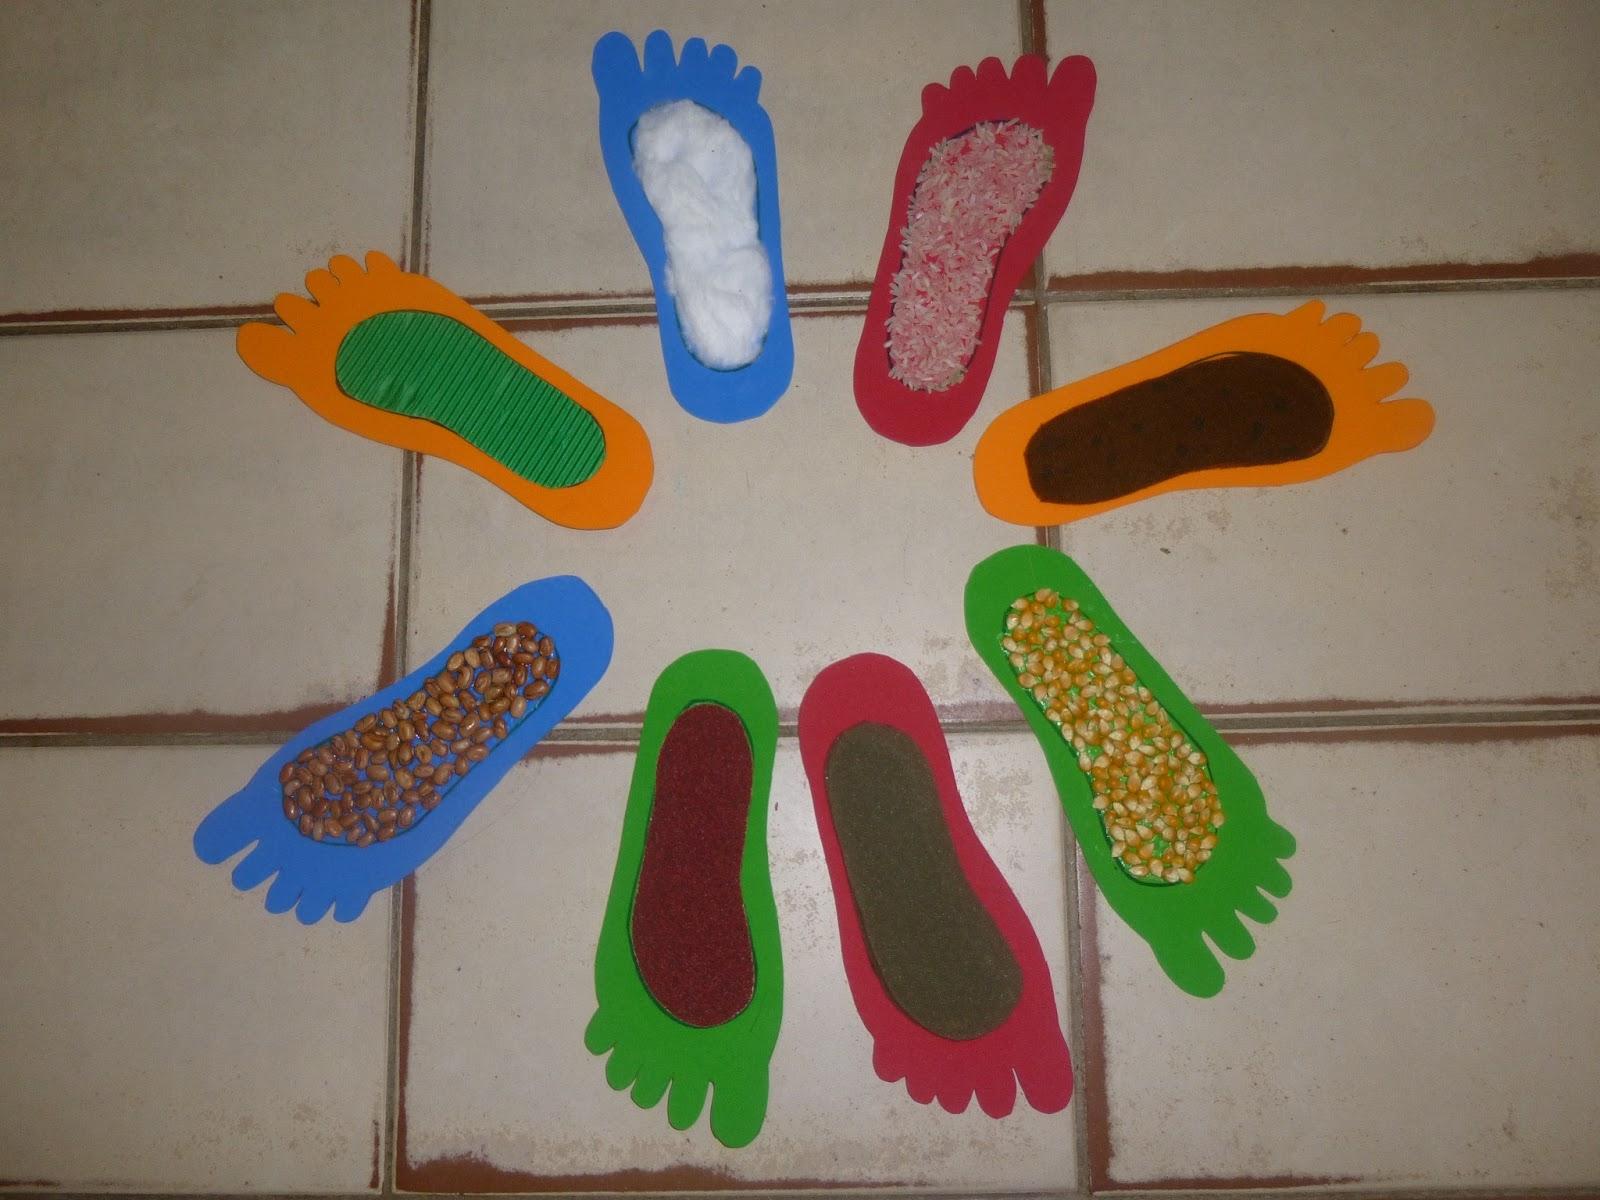 #BF6008 Projetos na Educação Infantil: PÉS DE TEXTURAS 1600x1200 px Projeto Cozinha Na Educação Infantil_4295 Imagens